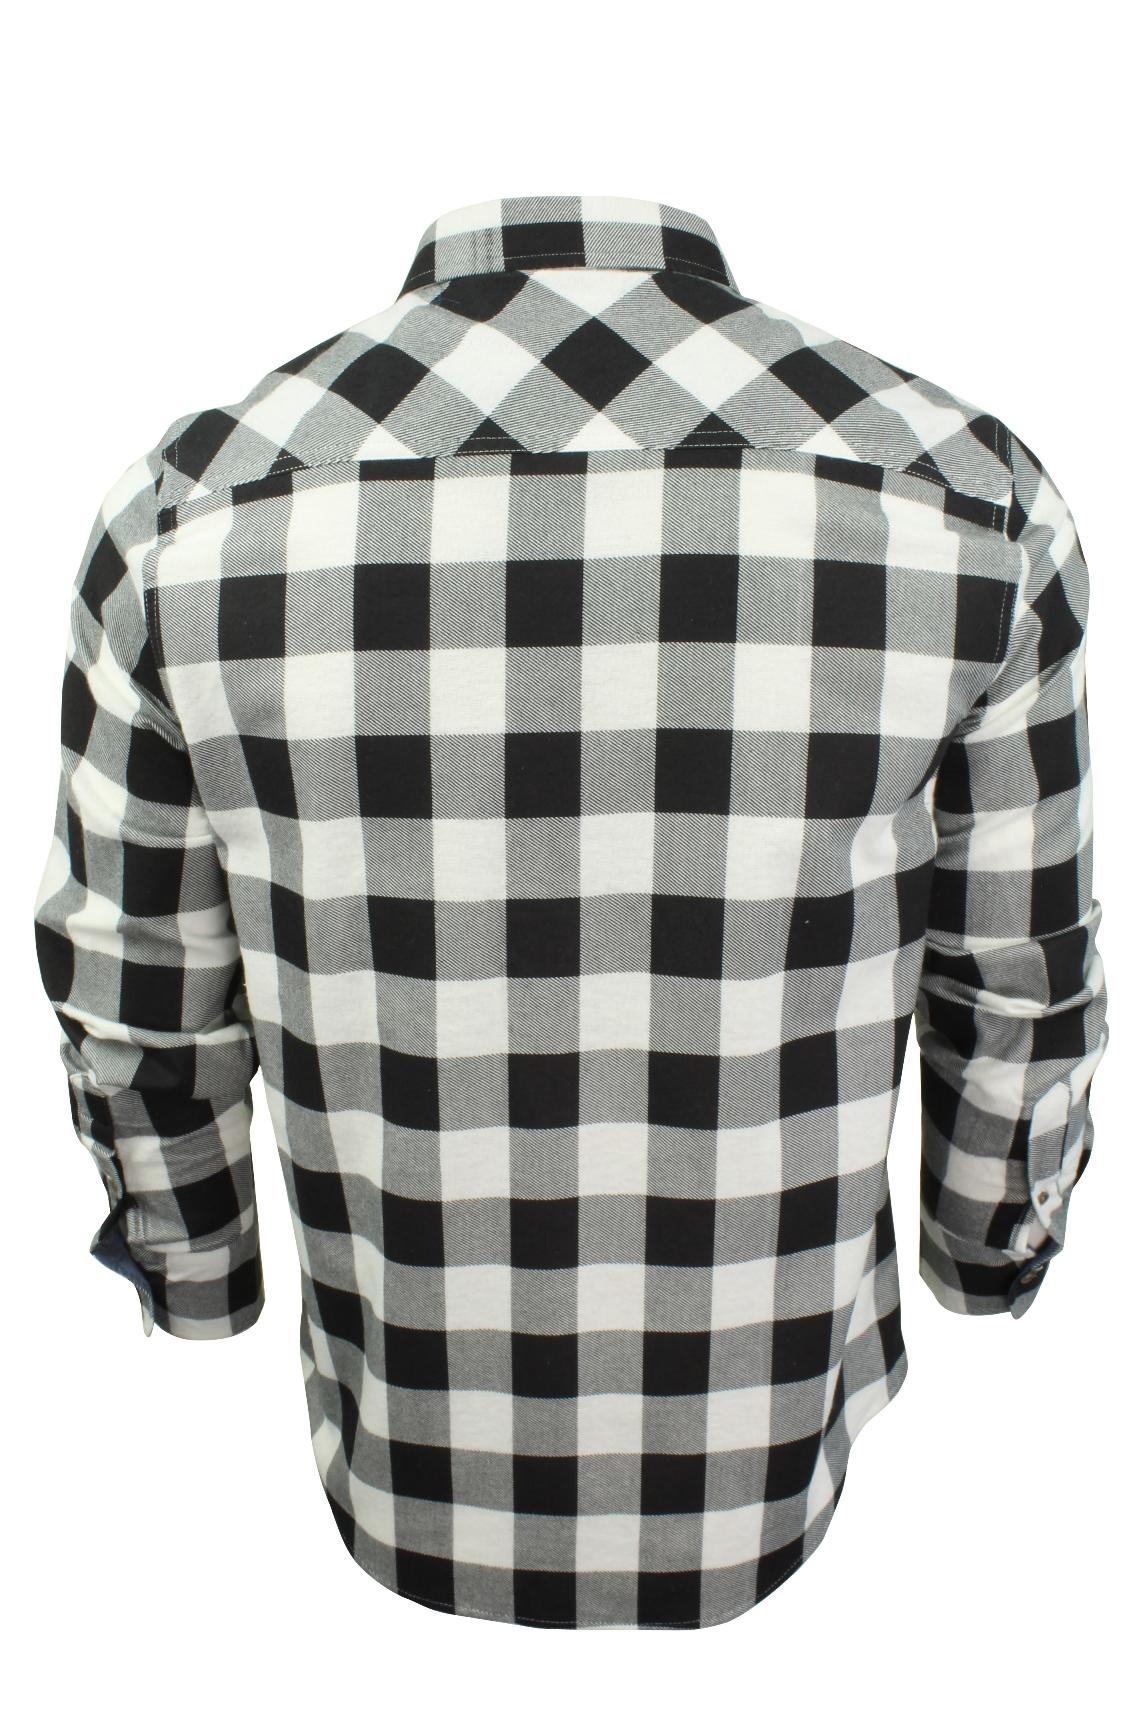 Verificacion-de-franela-de-algodon-cepillado-alma-valiente-camisa-de-mangas-largas-De-Jack miniatura 24